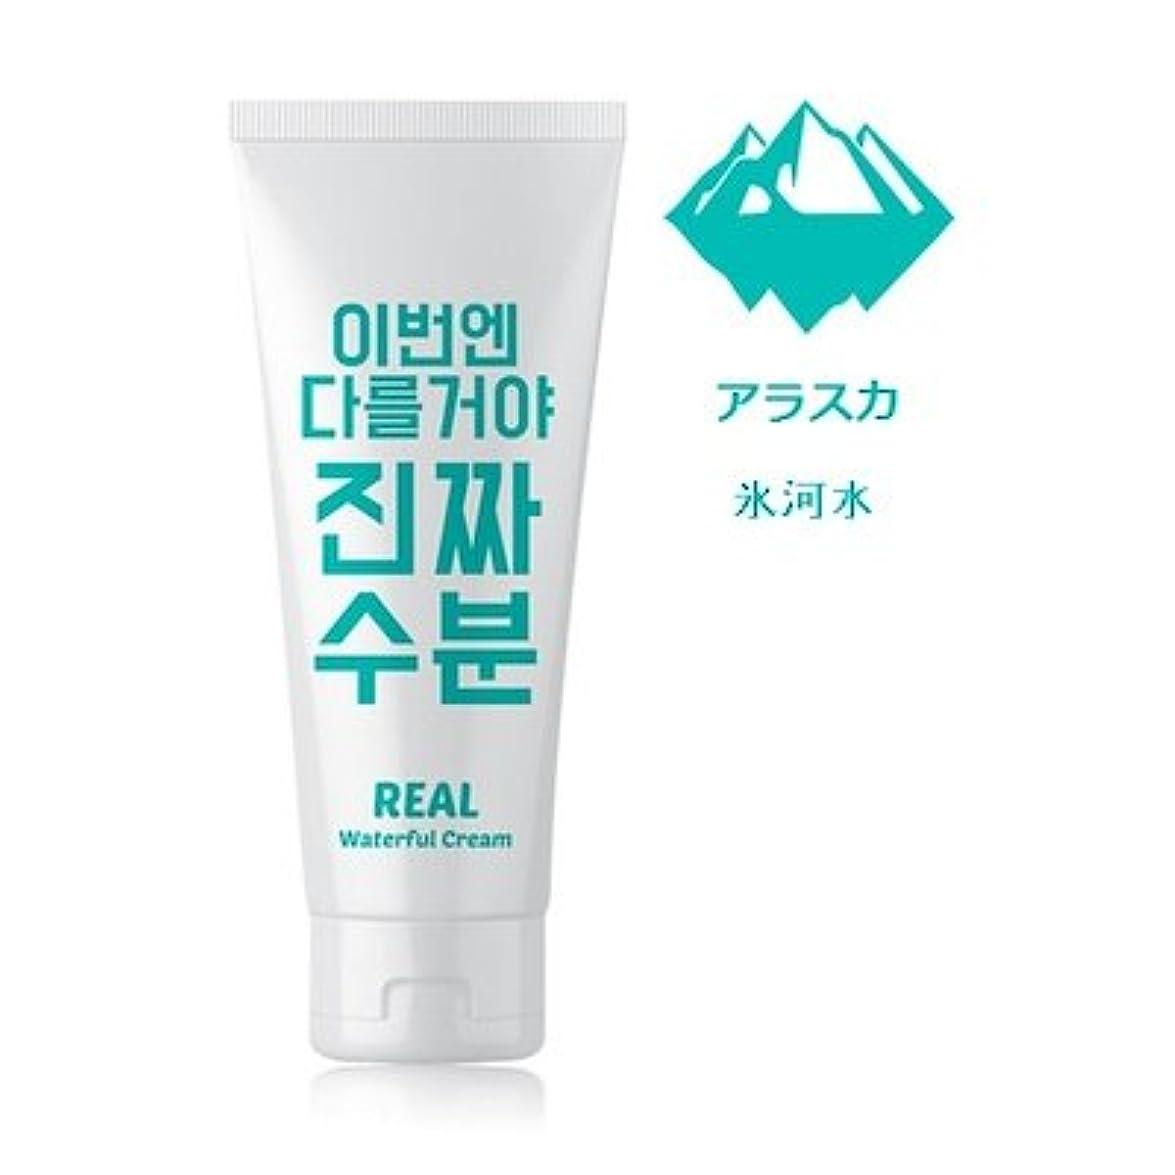 テクトニック雰囲気ブラウズJaminkyung Real Waterful Cream/孜民耕 [ジャミンギョン] 今度は違うぞ本当の水分クリーム 200ml [並行輸入品]